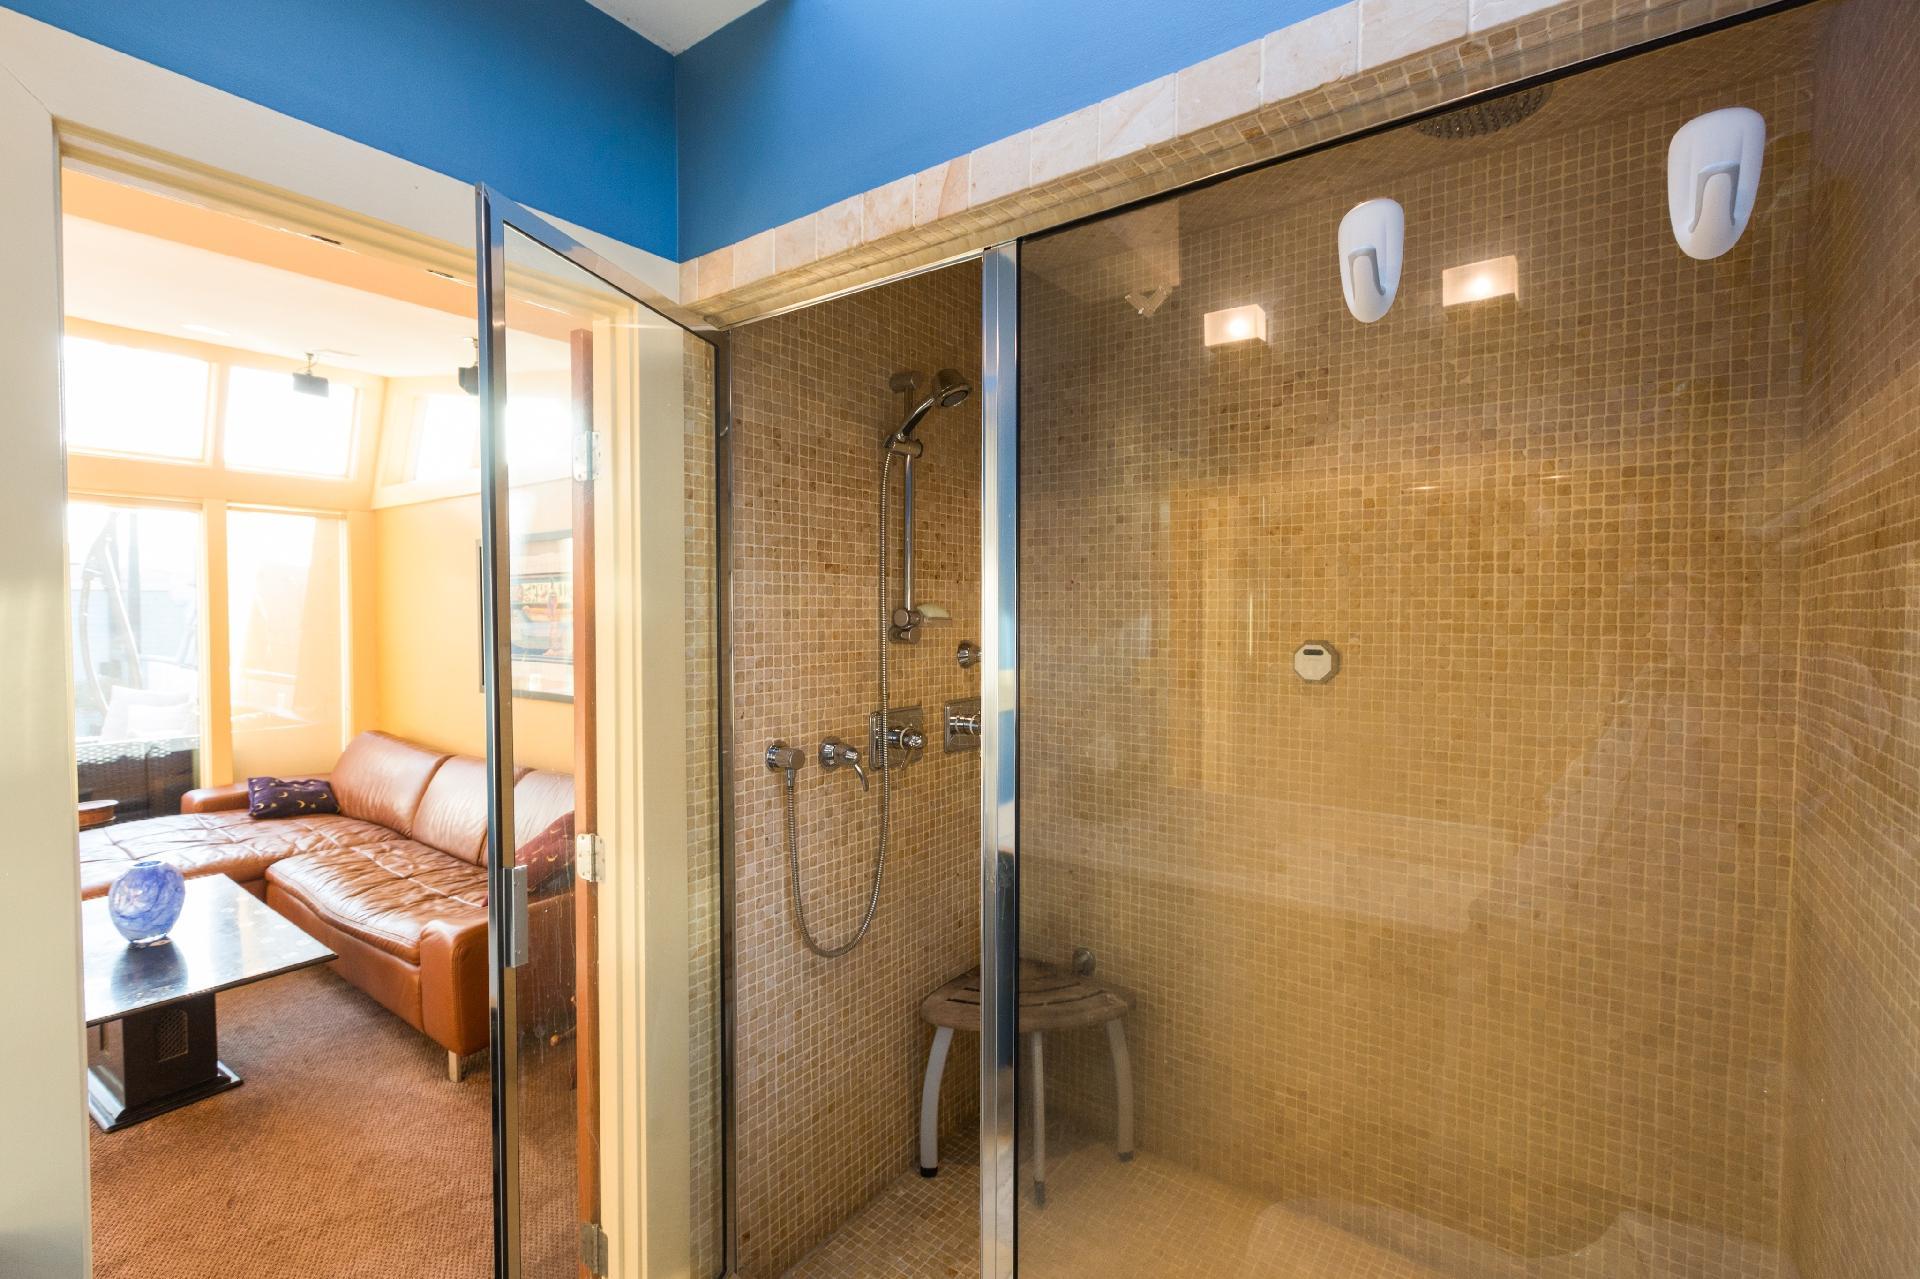 em azulejos em tons terrosos. O espaço conta também com um banco com #9F712D 1920x1279 Azulejo Banheiro Deitado Ou Em Pé